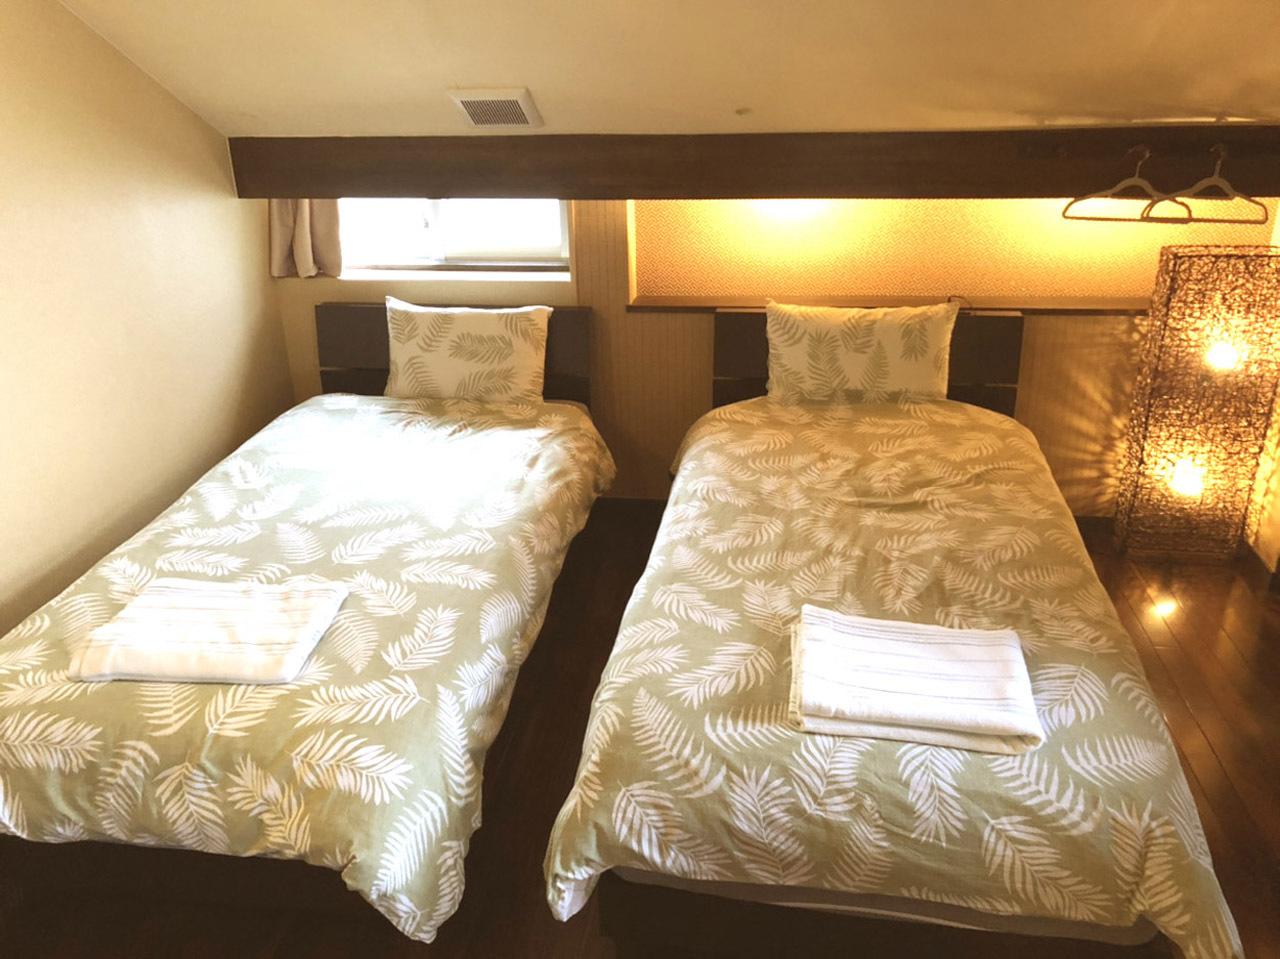 【3F】ベッドルーム3 ツインツインベッド